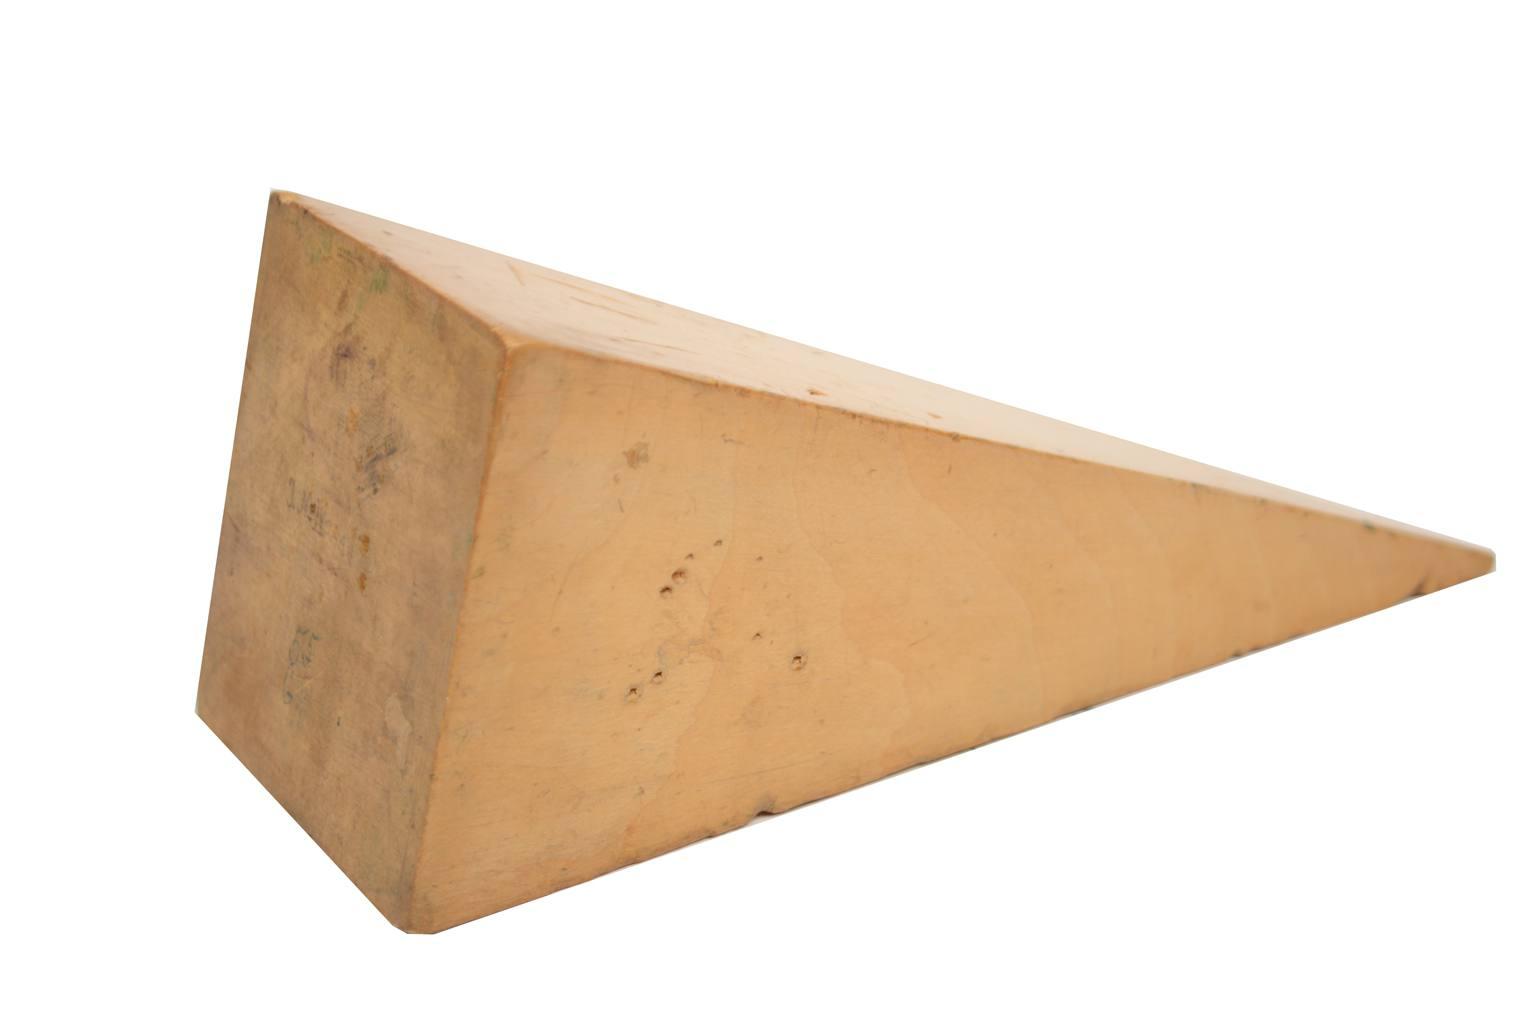 Strumenti di misura antichi/4811-Solido geometrico